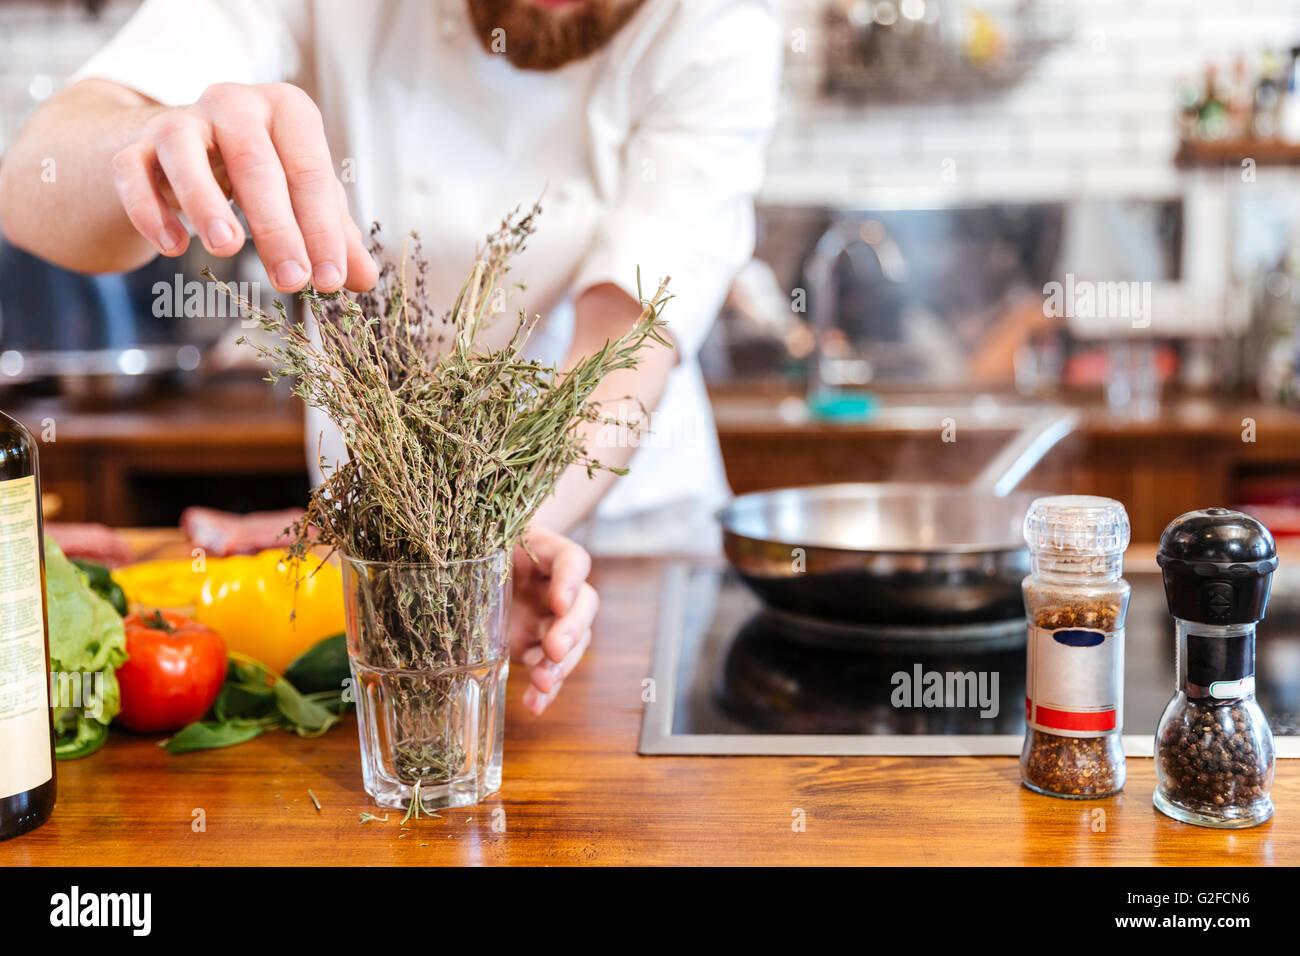 Abgeschnitten Bild ein Chef Koch bereitet Lebensmittel in der Küche Stockbild